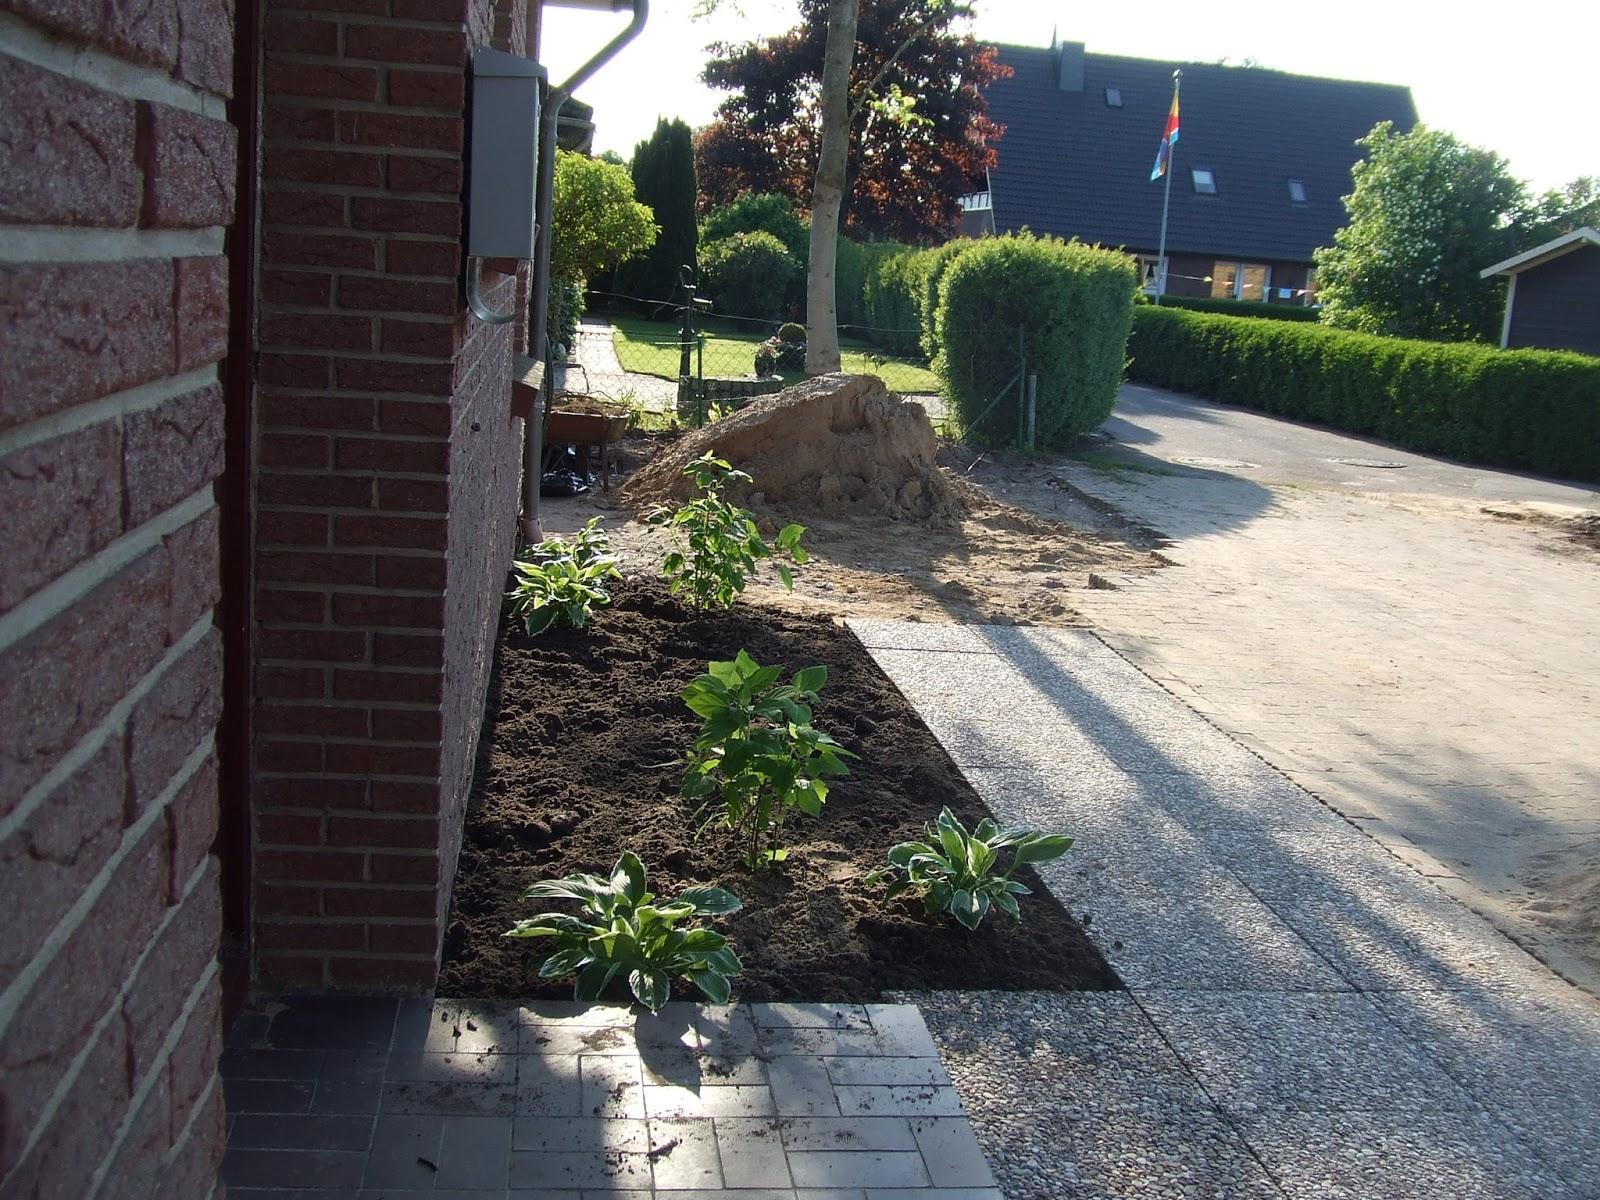 Schön Vorgarten Mit Steinen Design